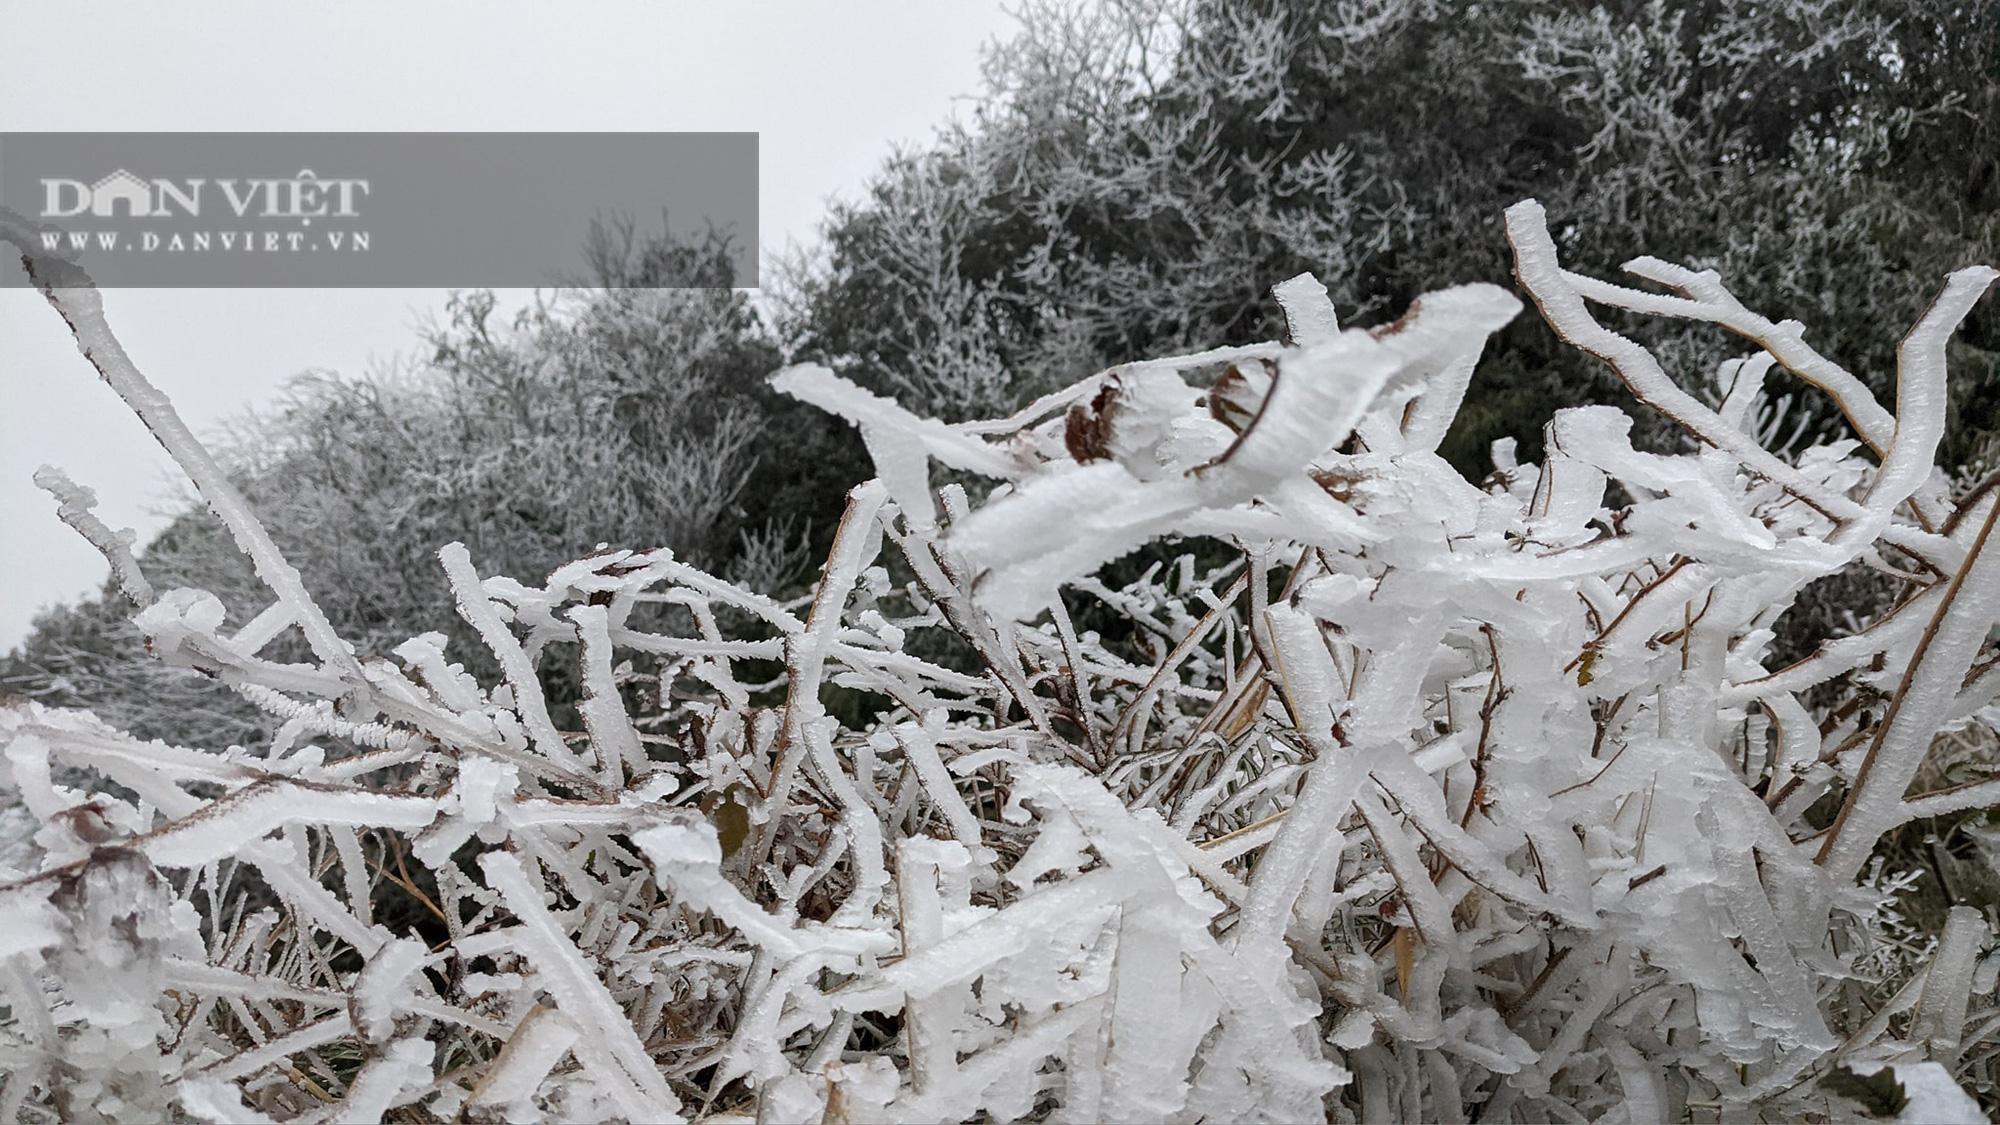 """""""Nóc nhà"""" phía Tây của tỉnh Cao Bằng biến thành thiên đường băng tuyết - Ảnh 6."""